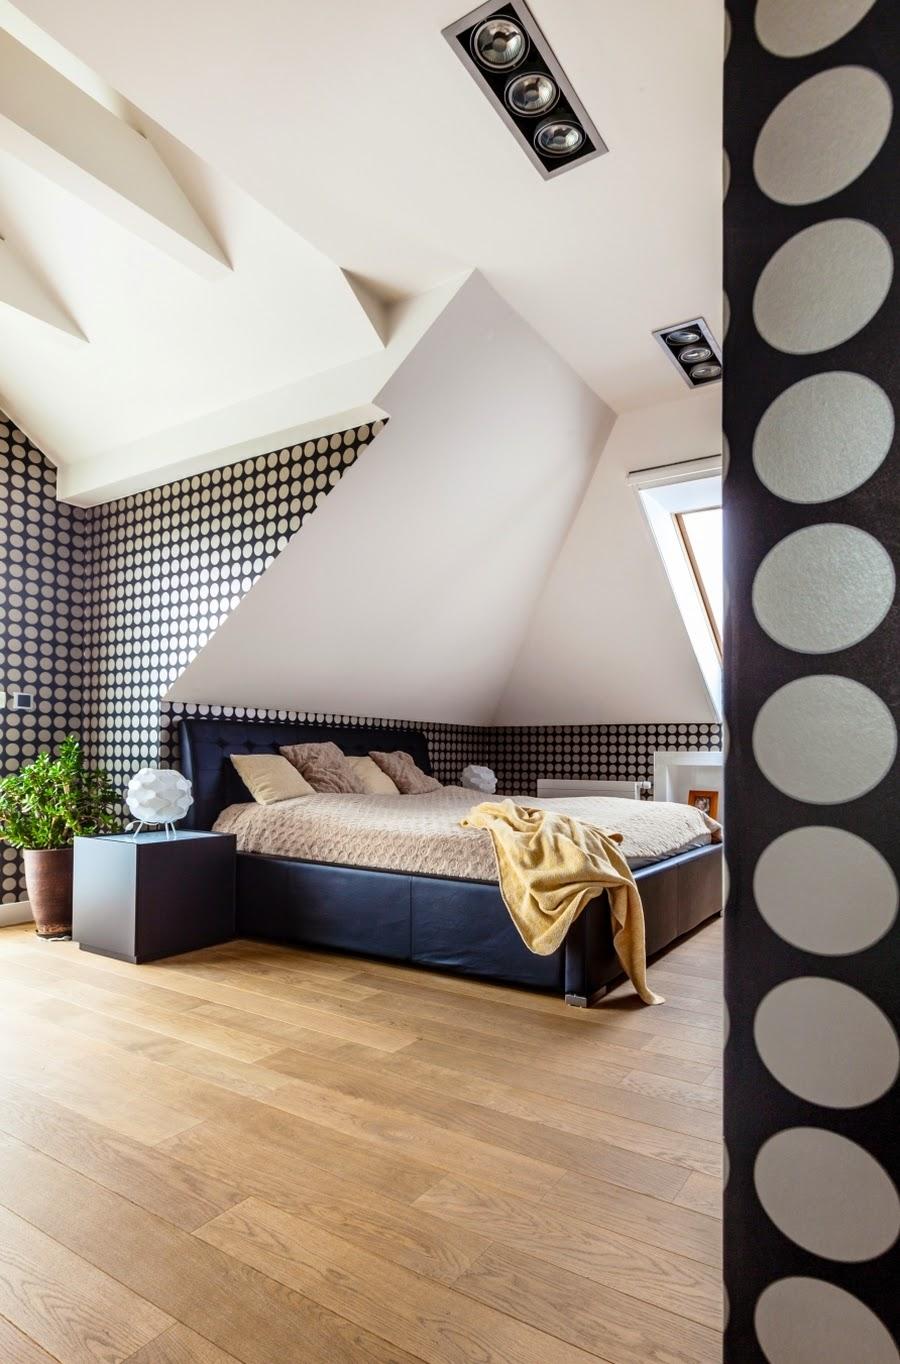 wnętrza, wystrój wnętrz, dom, mieszkanie, aranżacja, home decor, dekoracje, styl nowoczesny, biel i czerń, lampy, sypialnia, tapeta w grochy